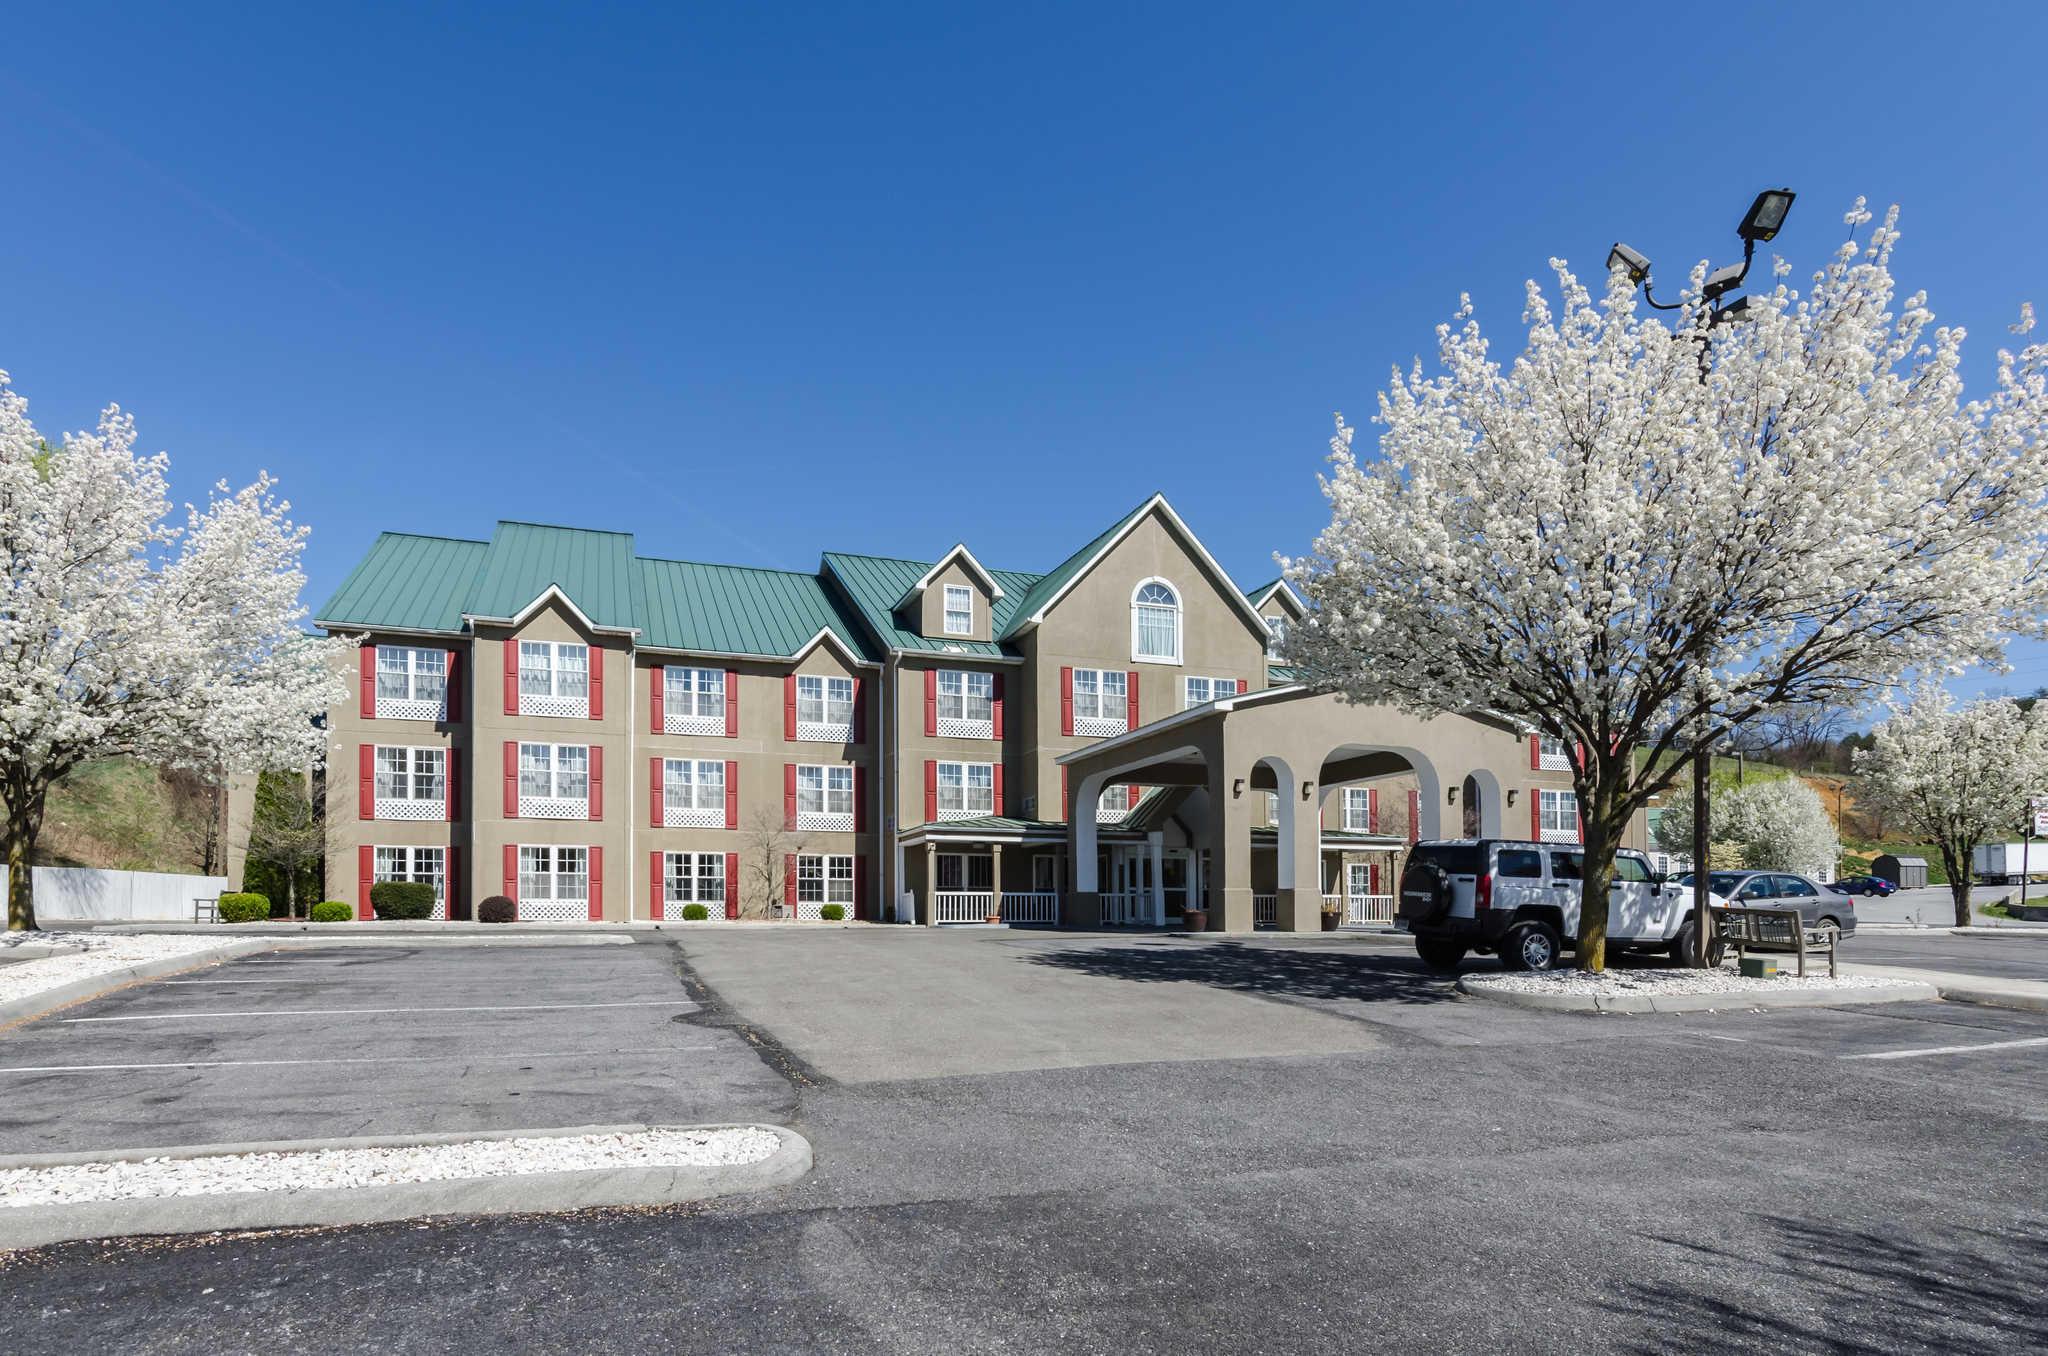 Comfort Inn Wytheville Va Hotels